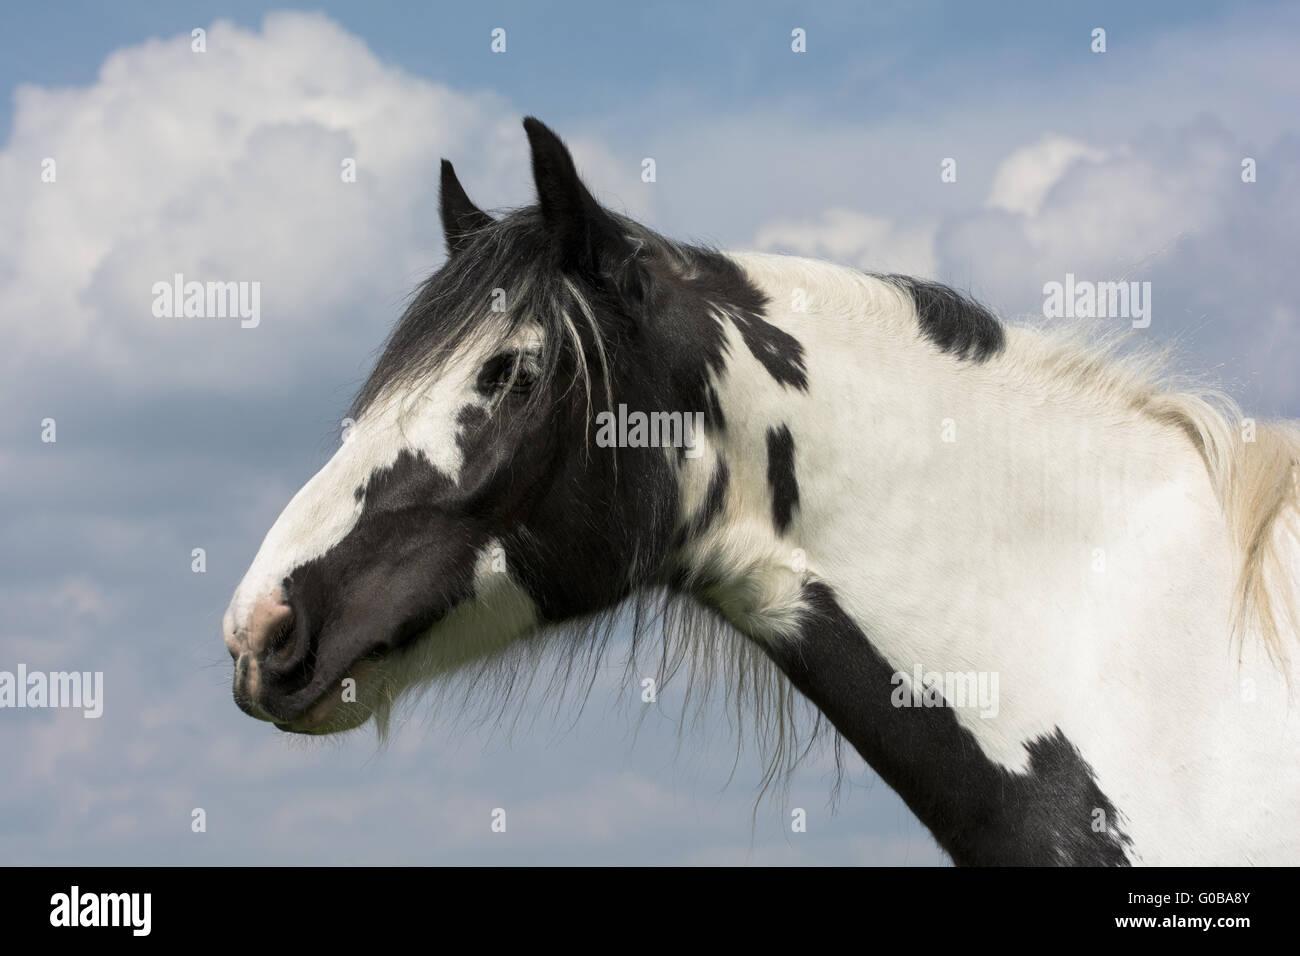 Cavalli Da Sogno Immagini & Cavalli Da Sogno Fotos Stock - Alamy